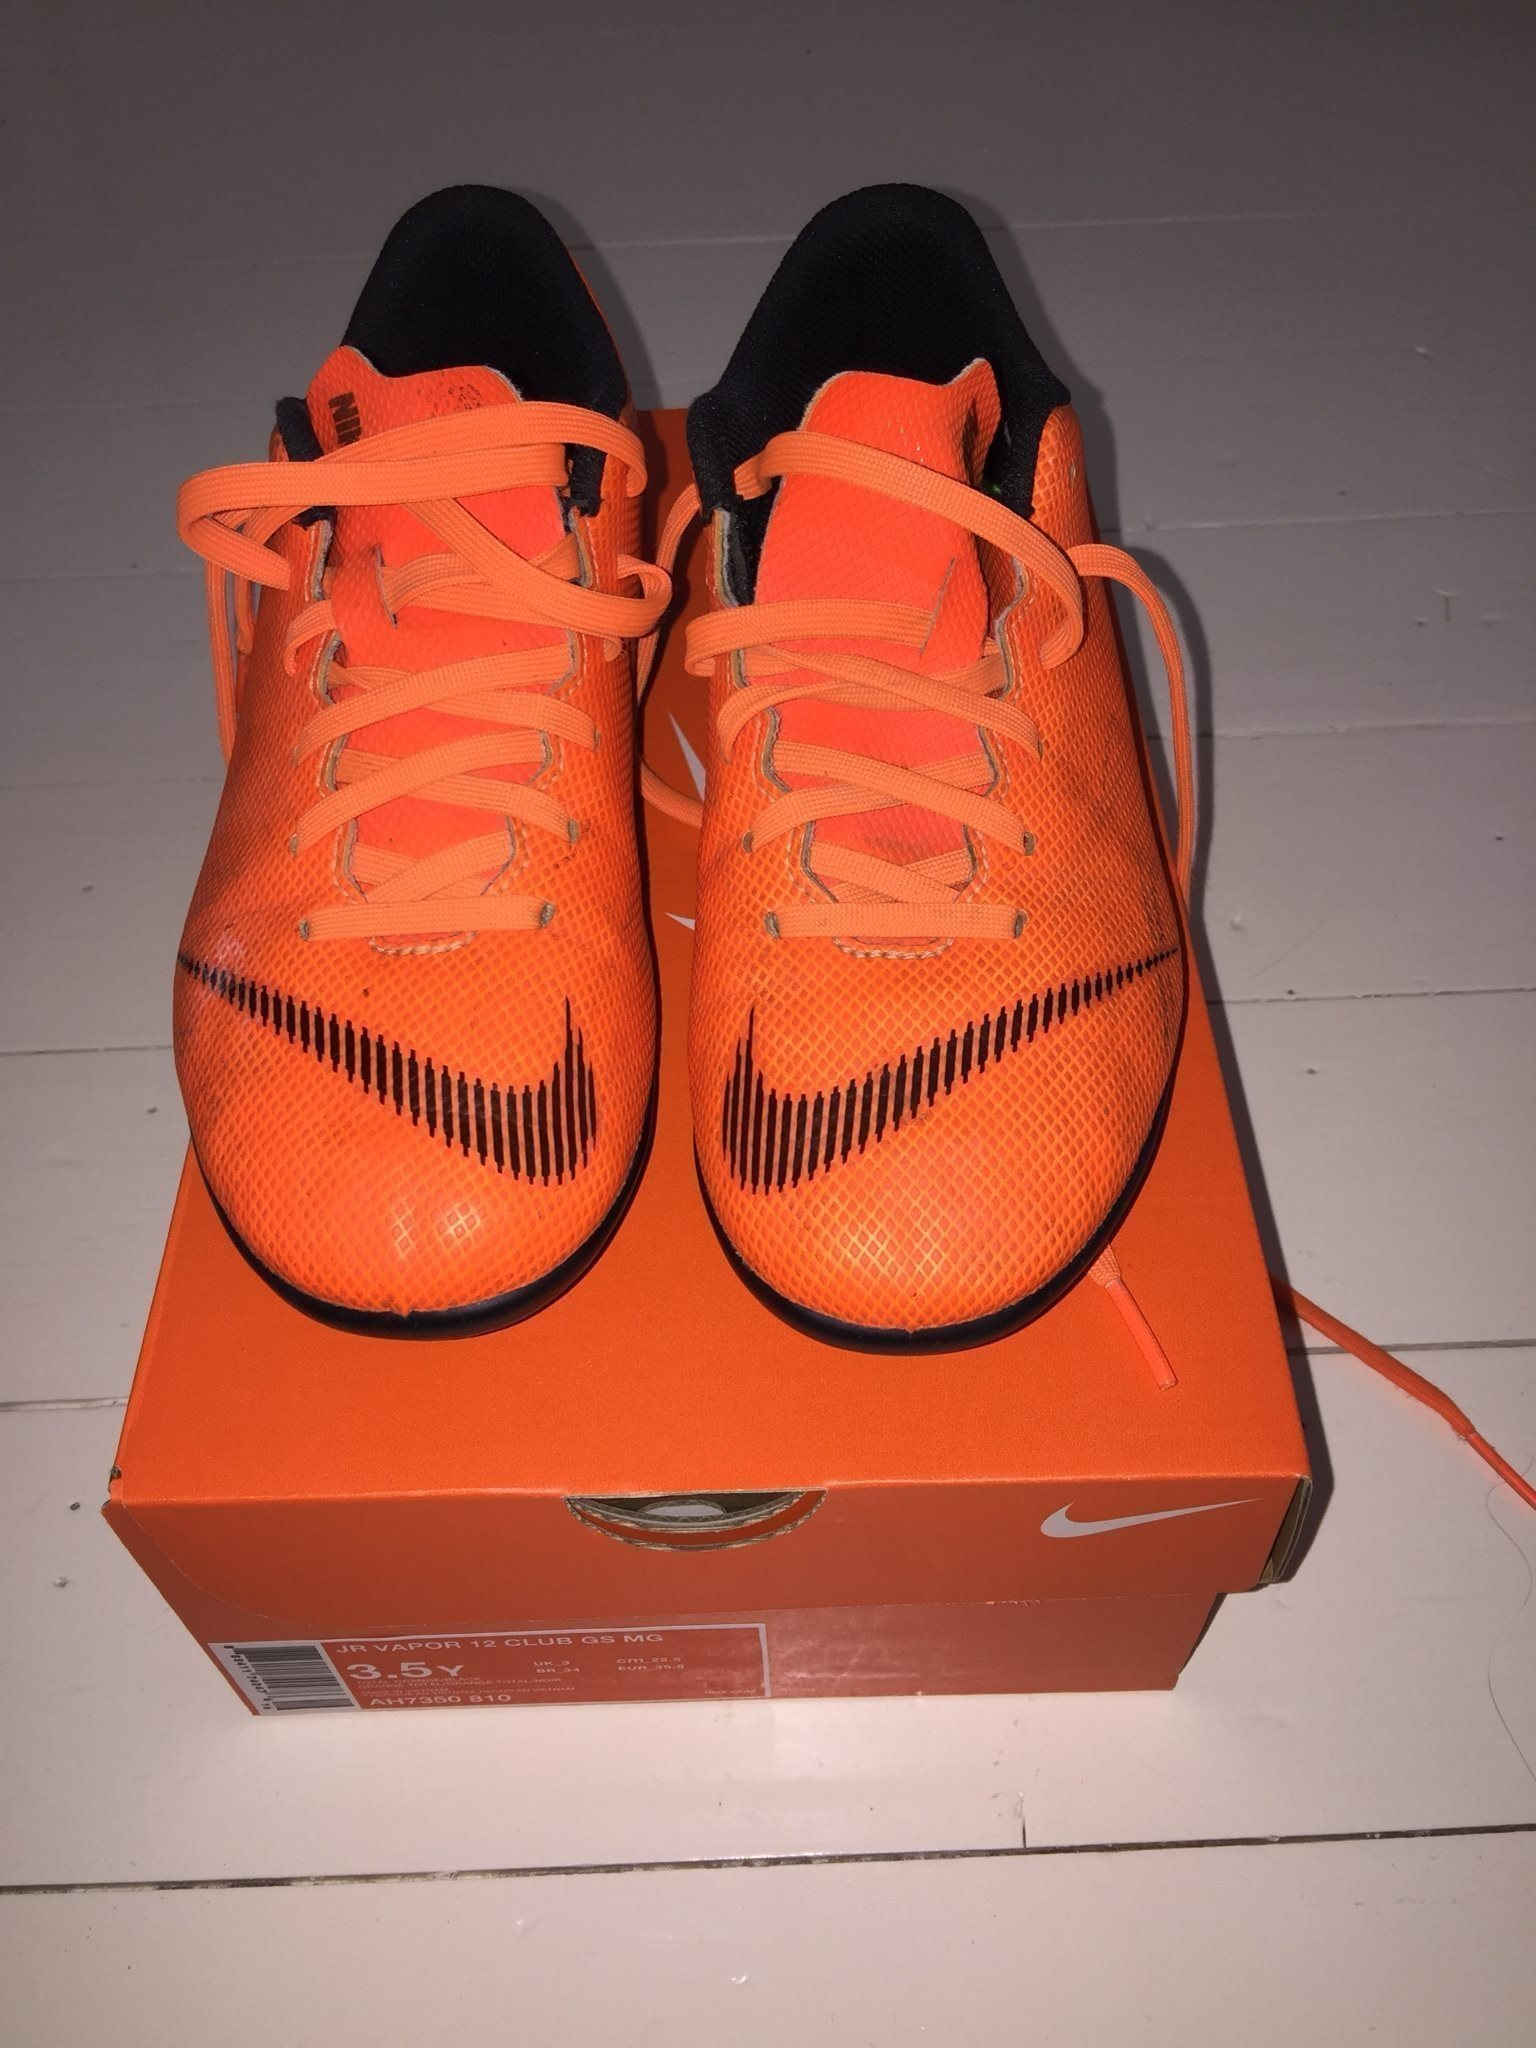 finest selection 96550 06e29 online store 9c5ba 4c3c9 Nike Fotbollsskor Fotboll Skor Storlek 35,5 Fina!